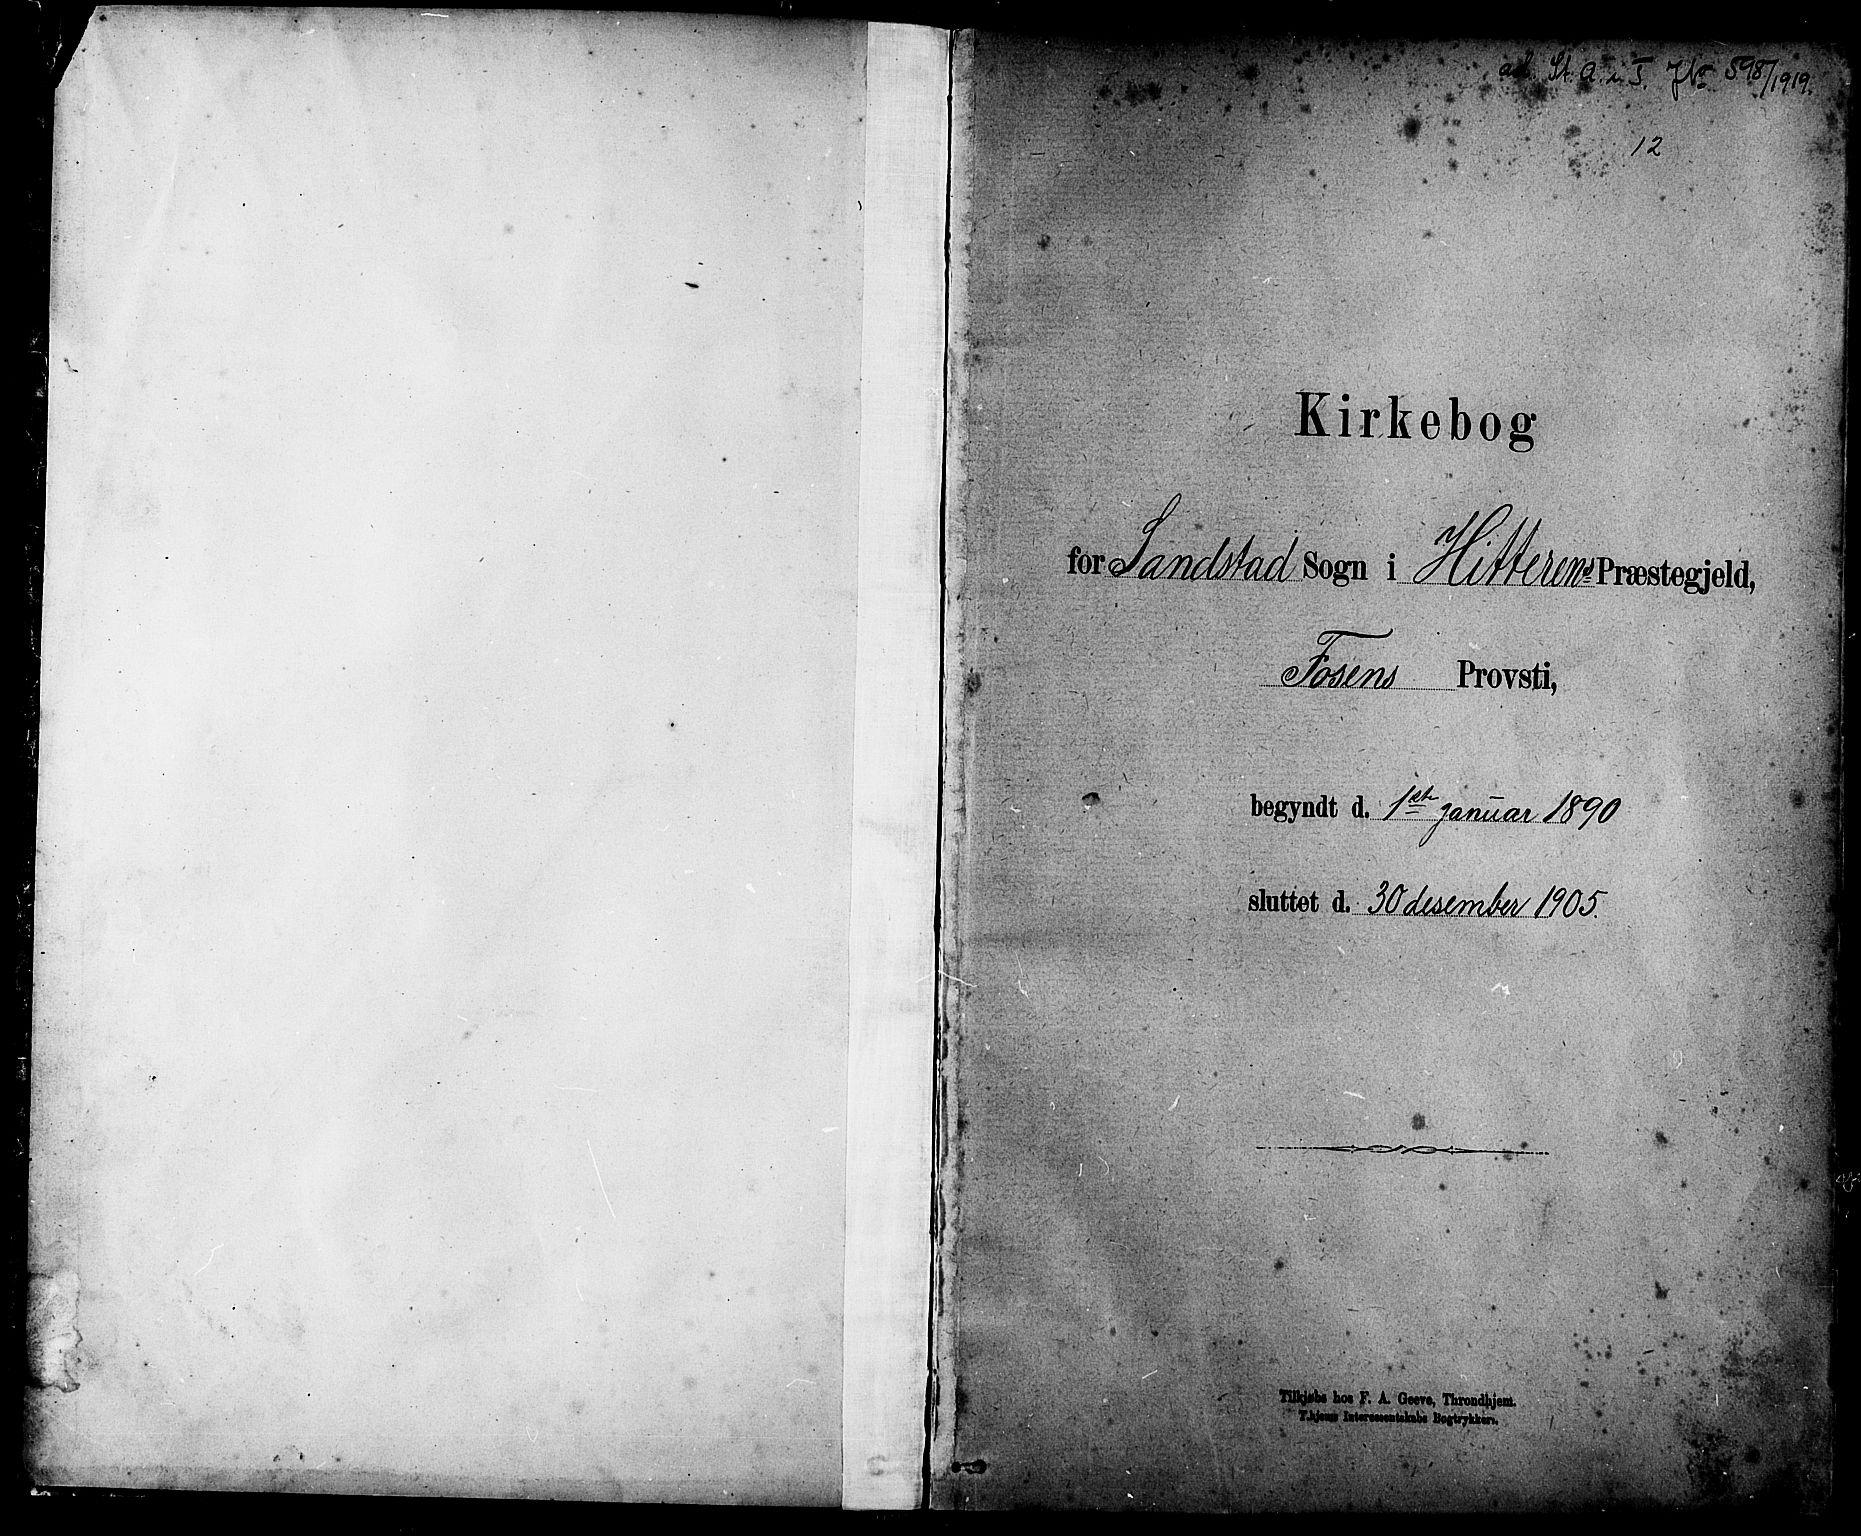 SAT, Ministerialprotokoller, klokkerbøker og fødselsregistre - Sør-Trøndelag, 639/L0573: Klokkerbok nr. 639C01, 1890-1905